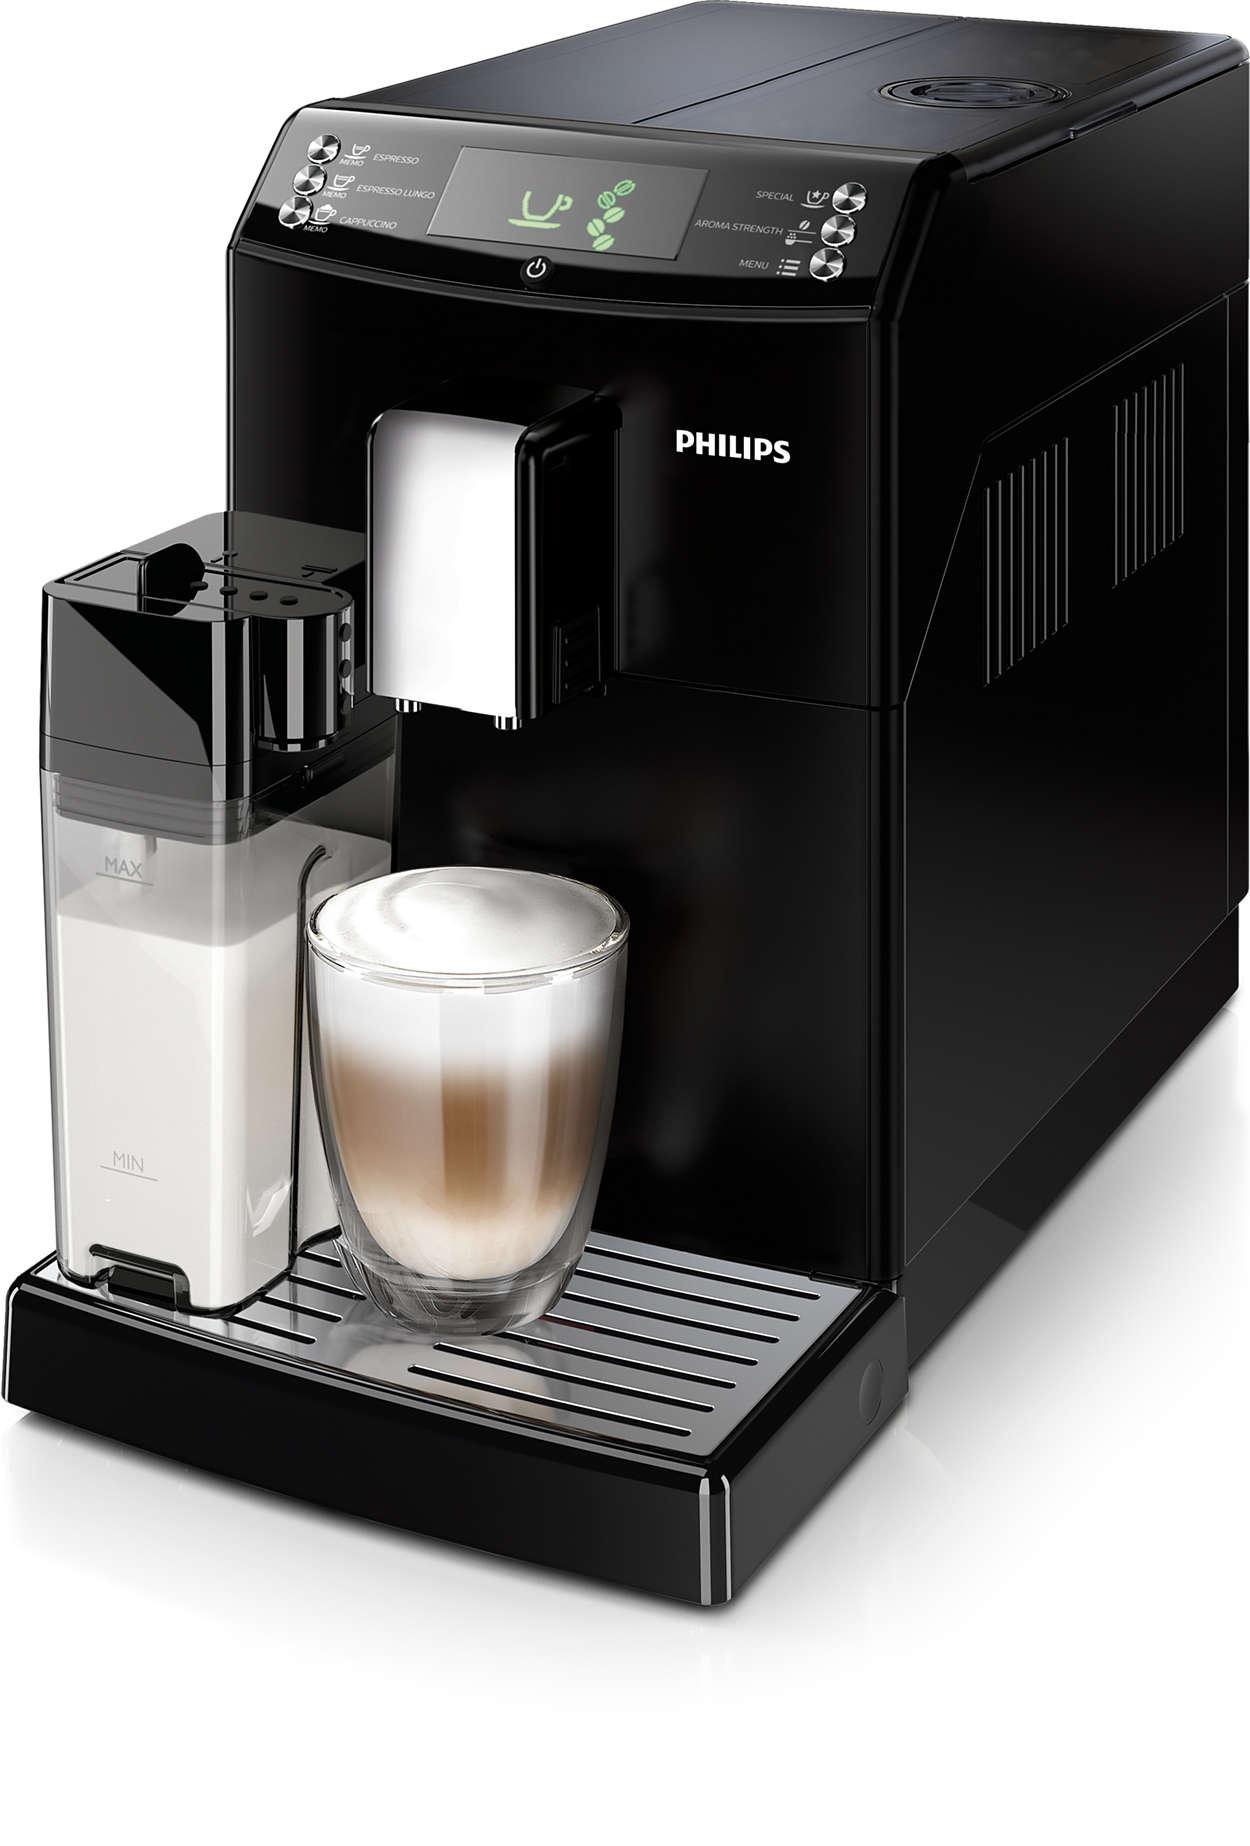 Pyszne espresso i cappuccino za jednym naciśnięciem przycisku